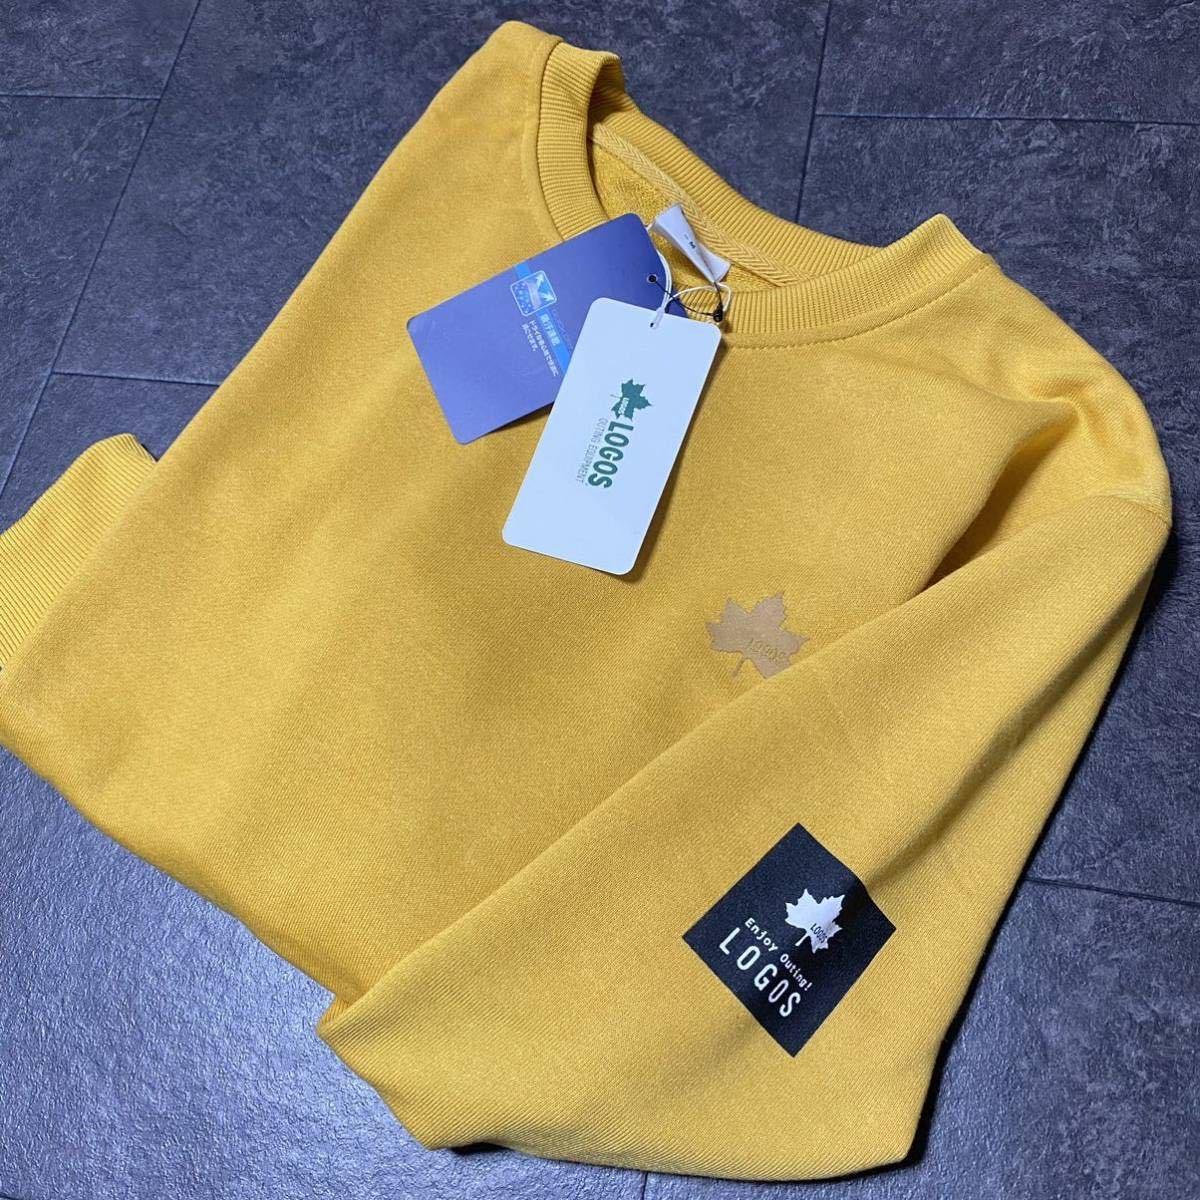 1円 Mサイズ 新品 LOGOS ロゴス 袖ビッグロゴ トレーナー 長袖シャツ 吸水速乾 アウトド